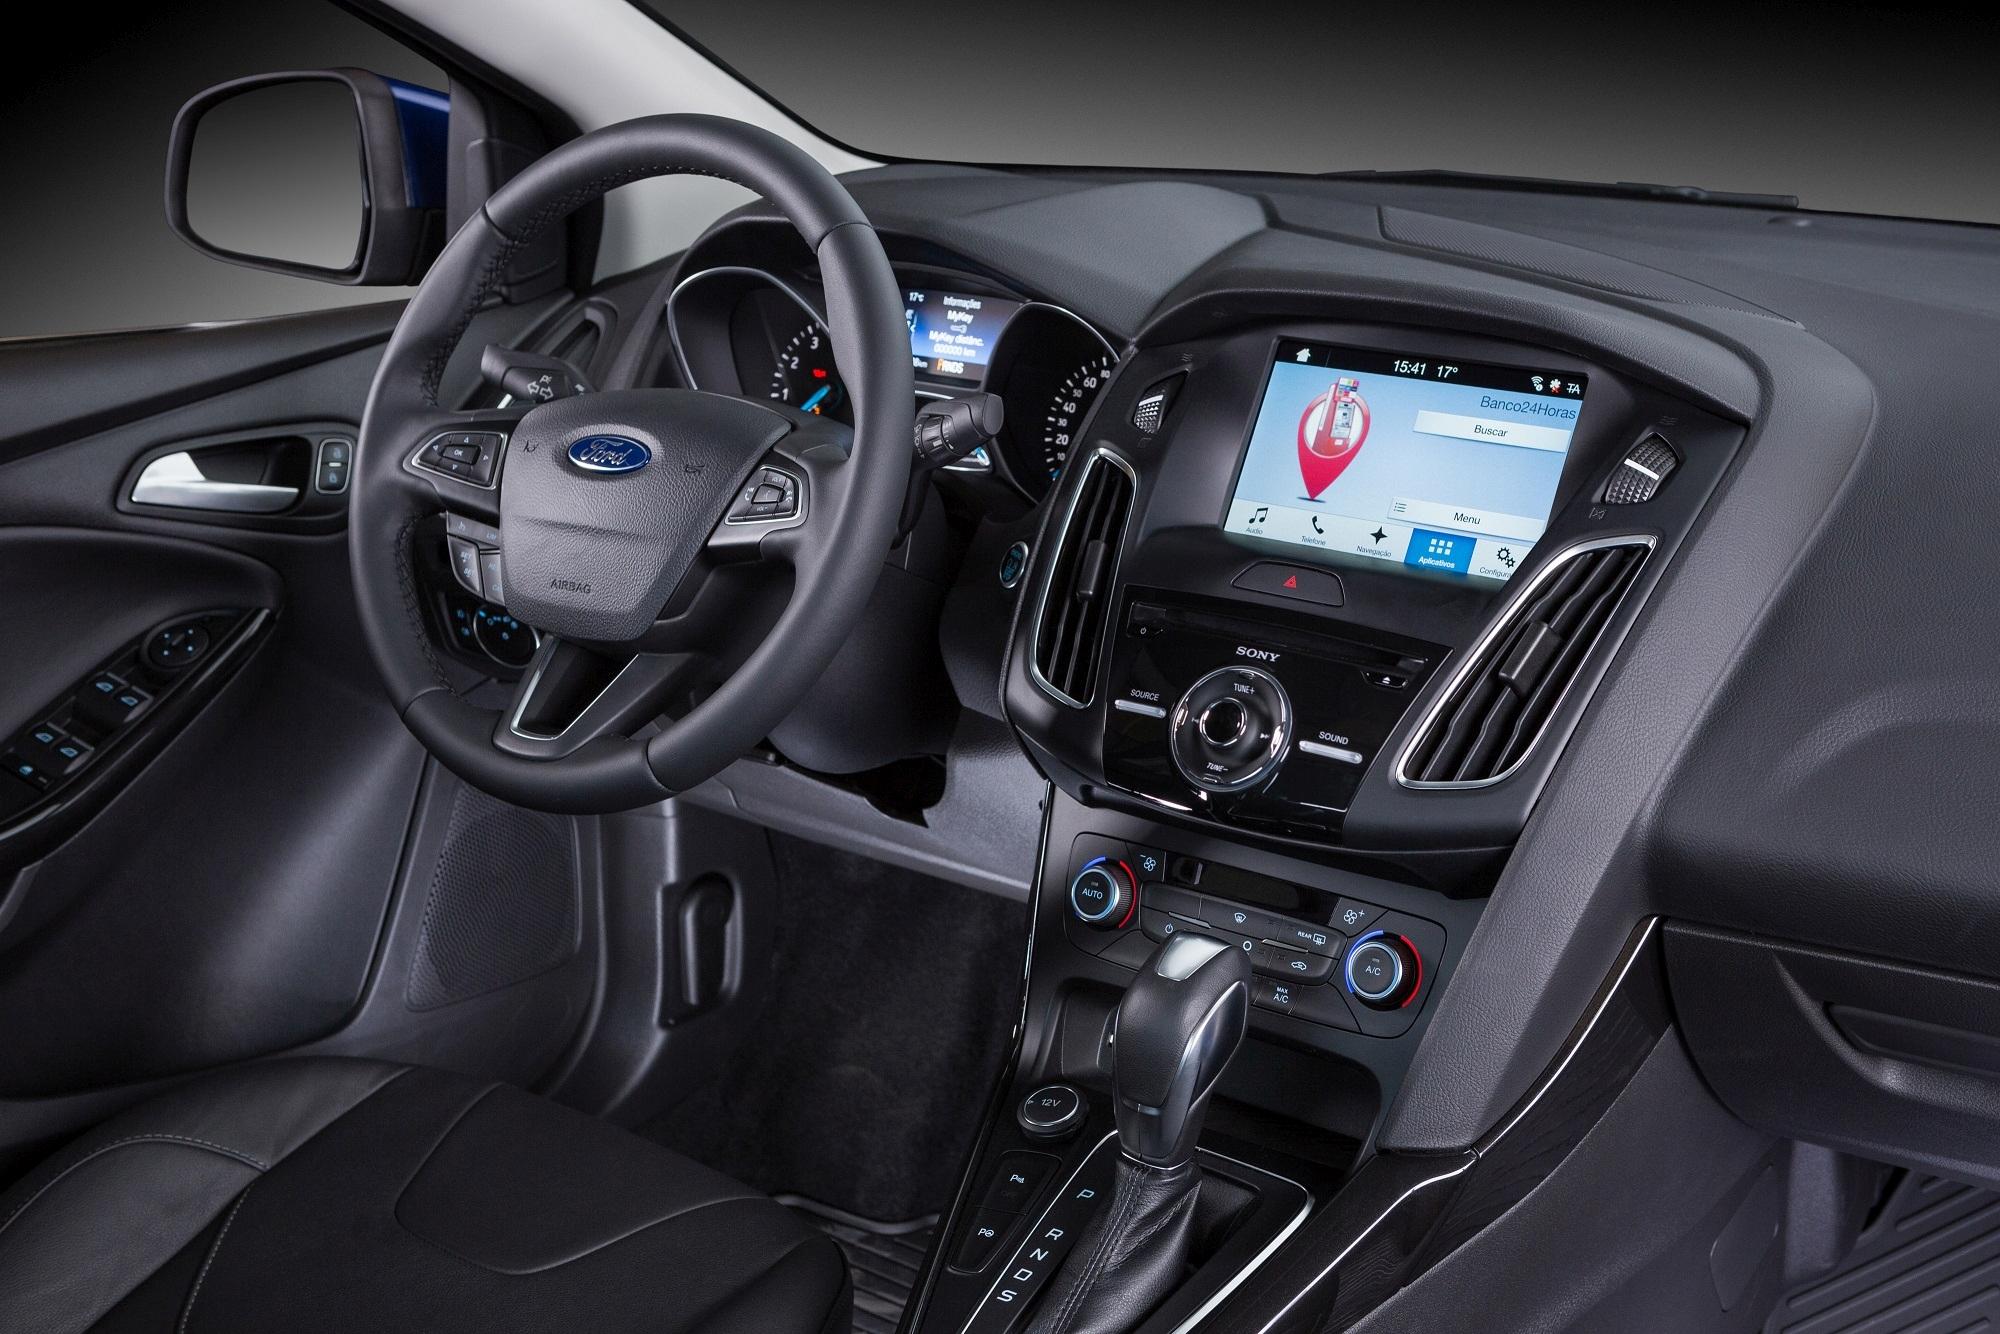 Ford Focus 2017 com novo sistema Sync